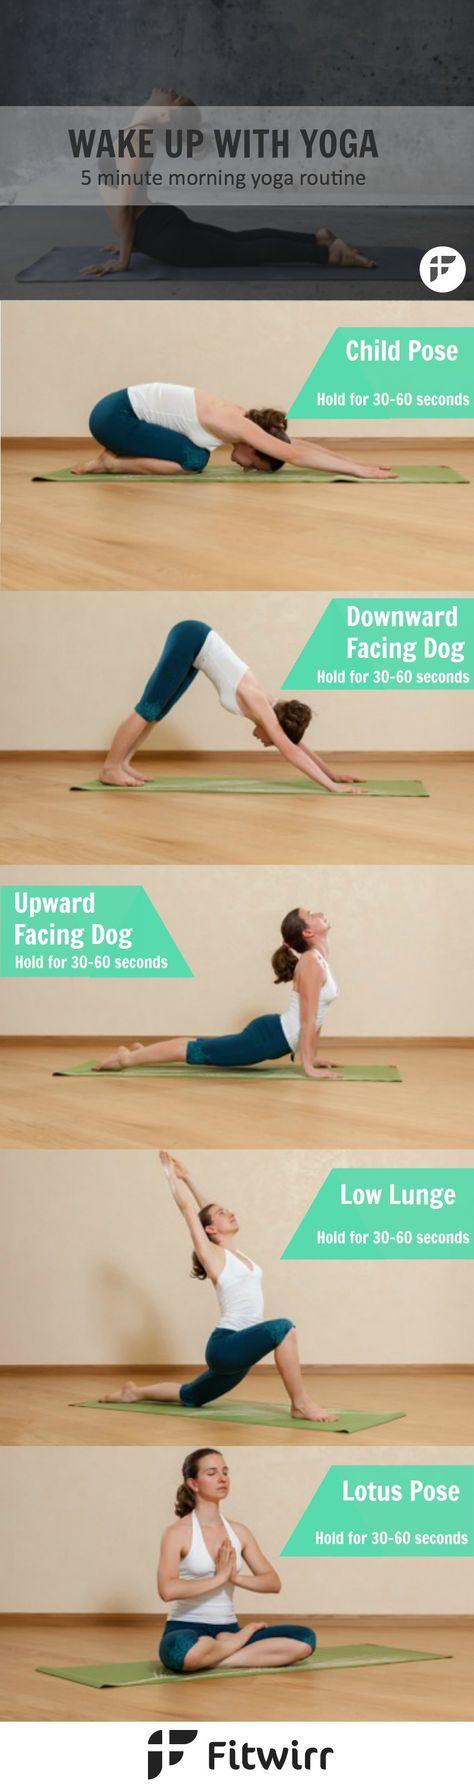 5 Minutos de Yoga en la mañana, rutina para empezar el día con mente positiva